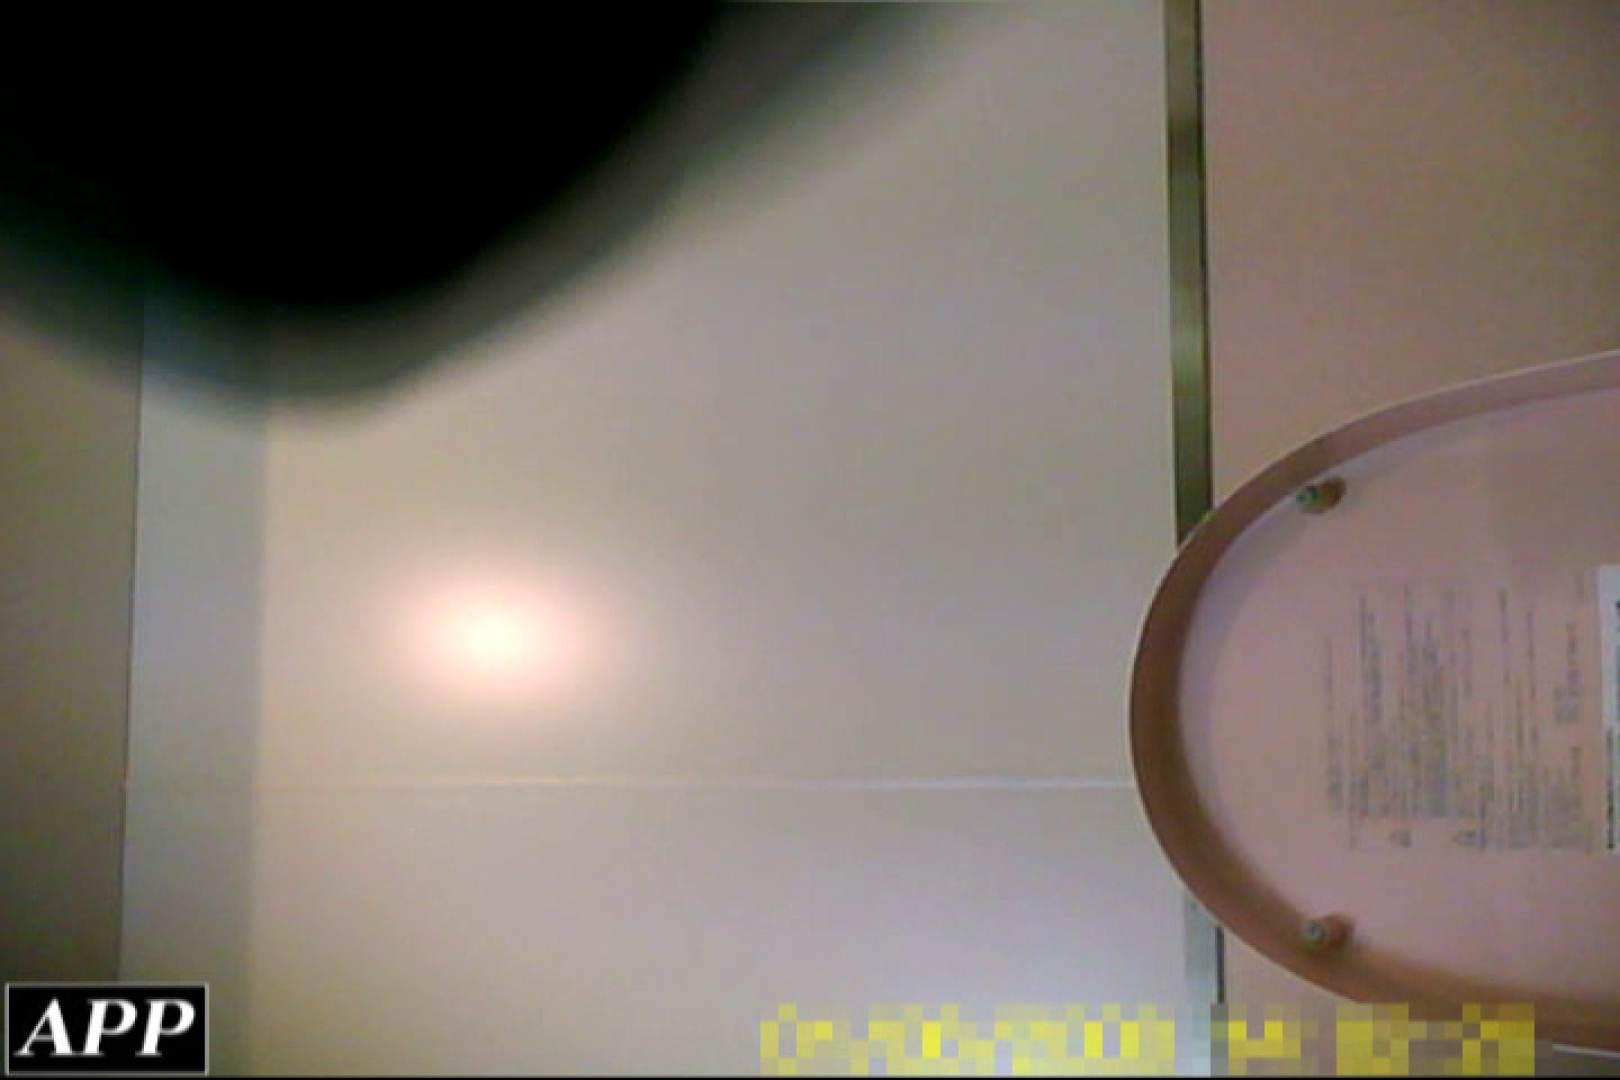 3視点洗面所 vol.60 オマンコ AV無料 95PIX 77